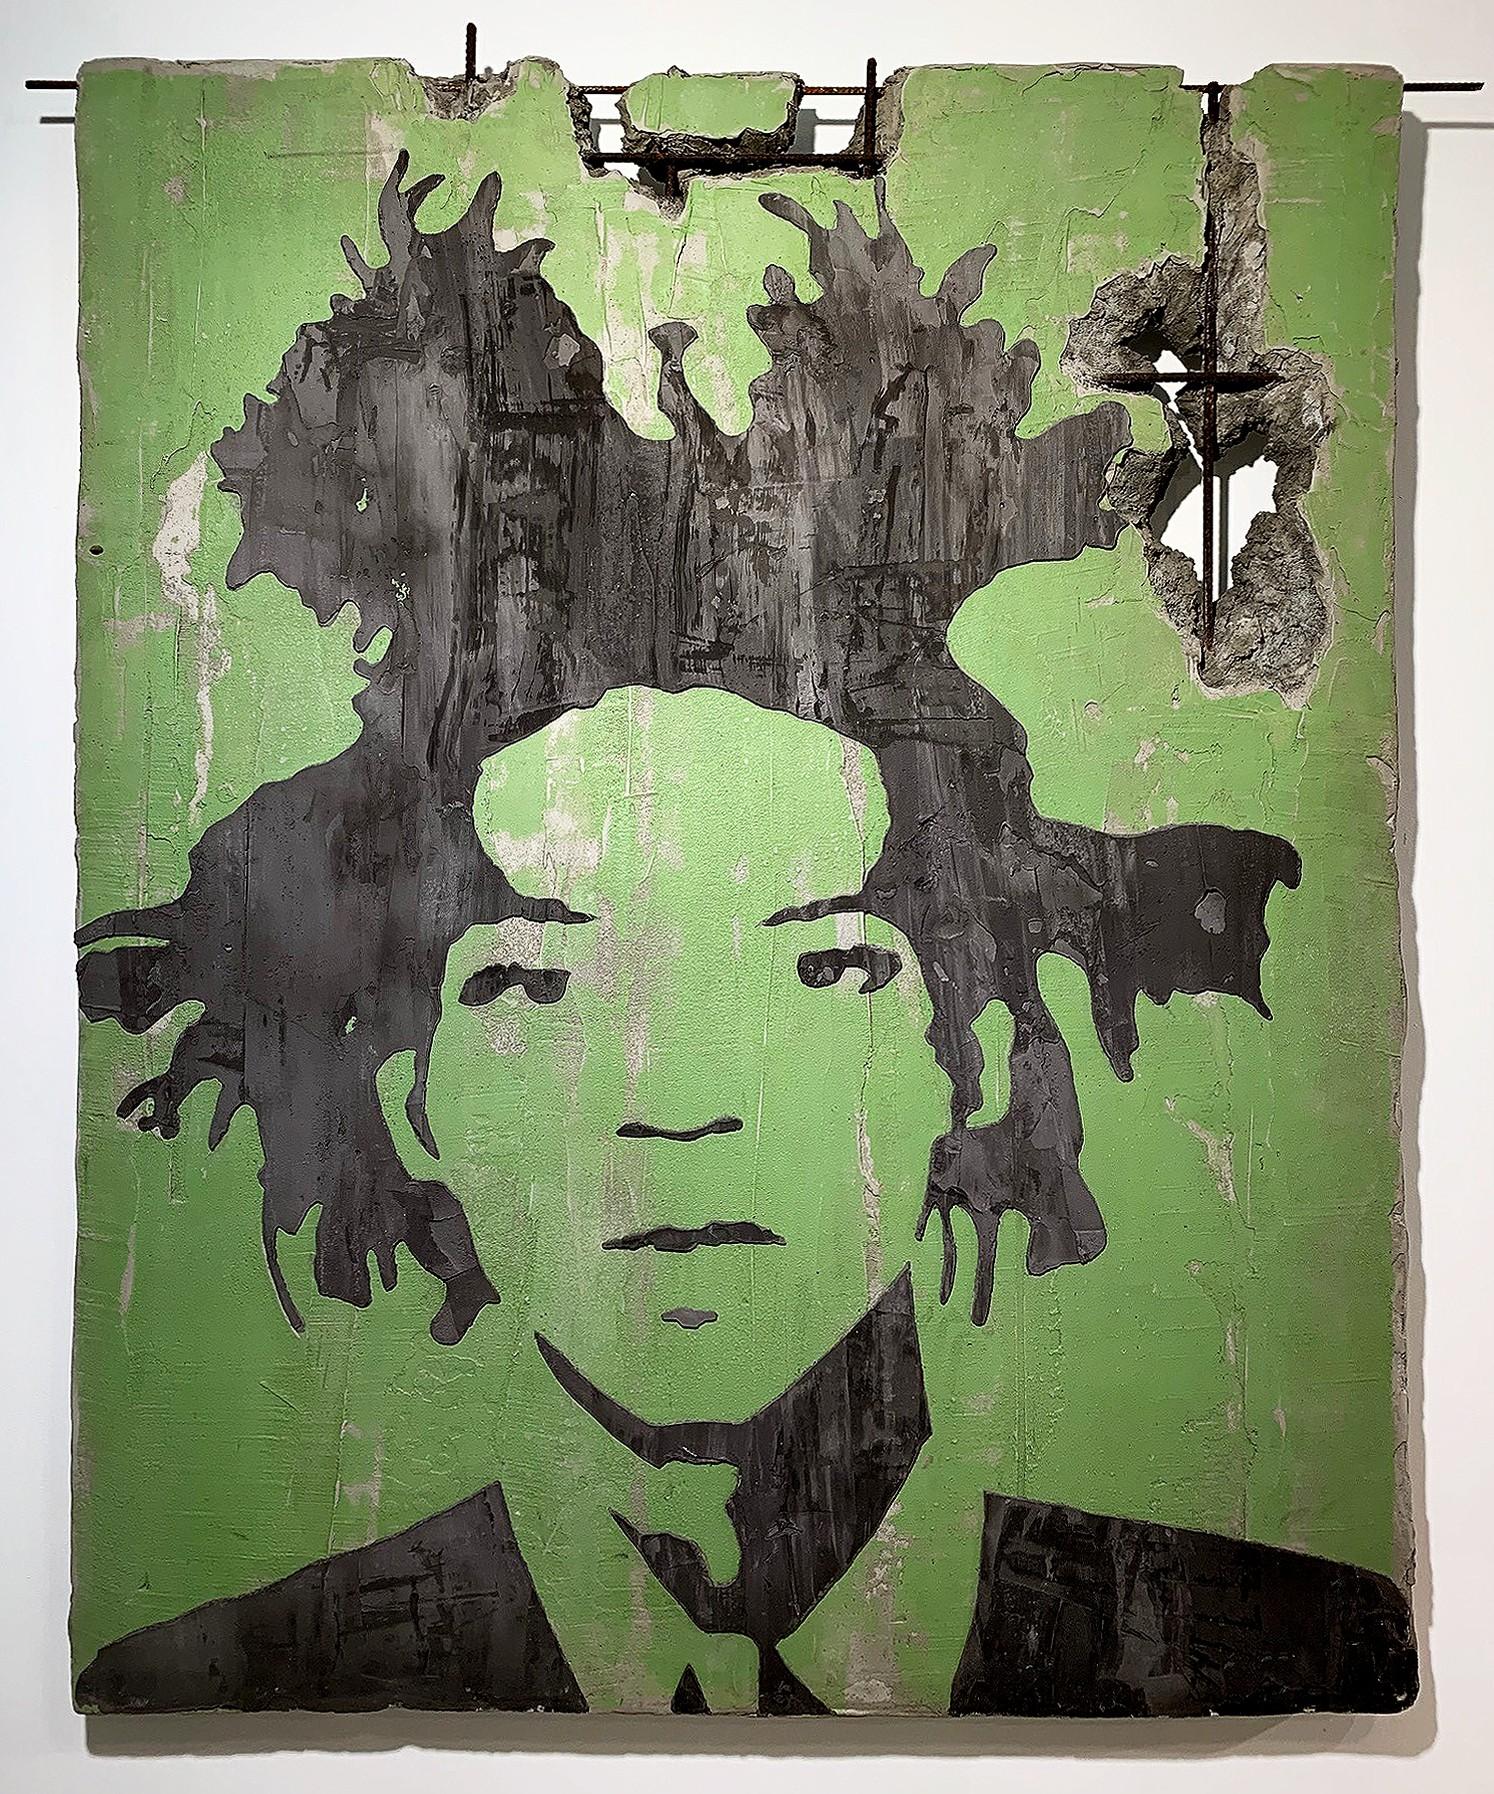 Pierre Auville - Jean-Michel Basquiat